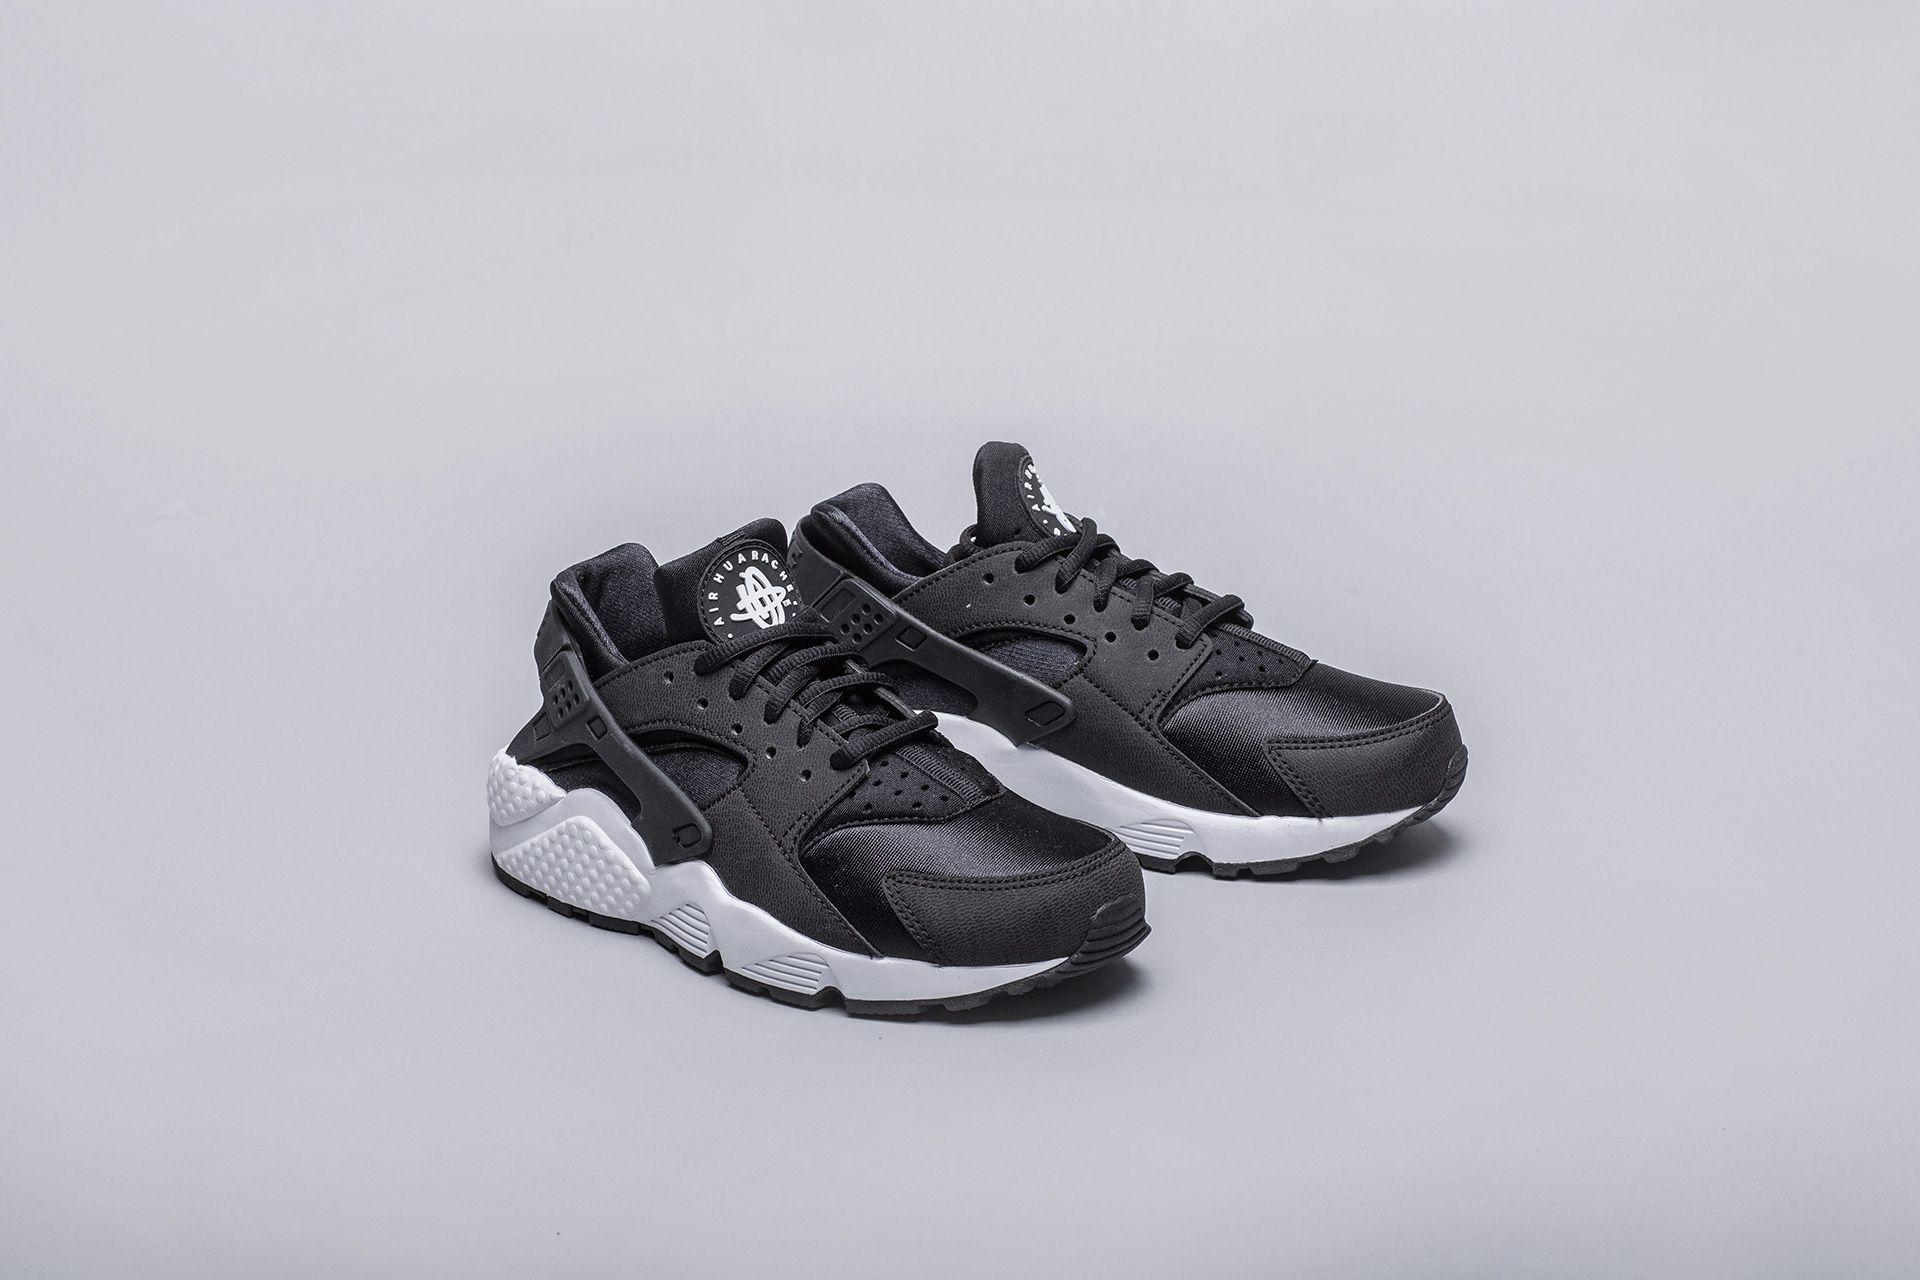 245336c5 Купить черные женские кроссовки WMNS Air Huarache Run от Nike ...